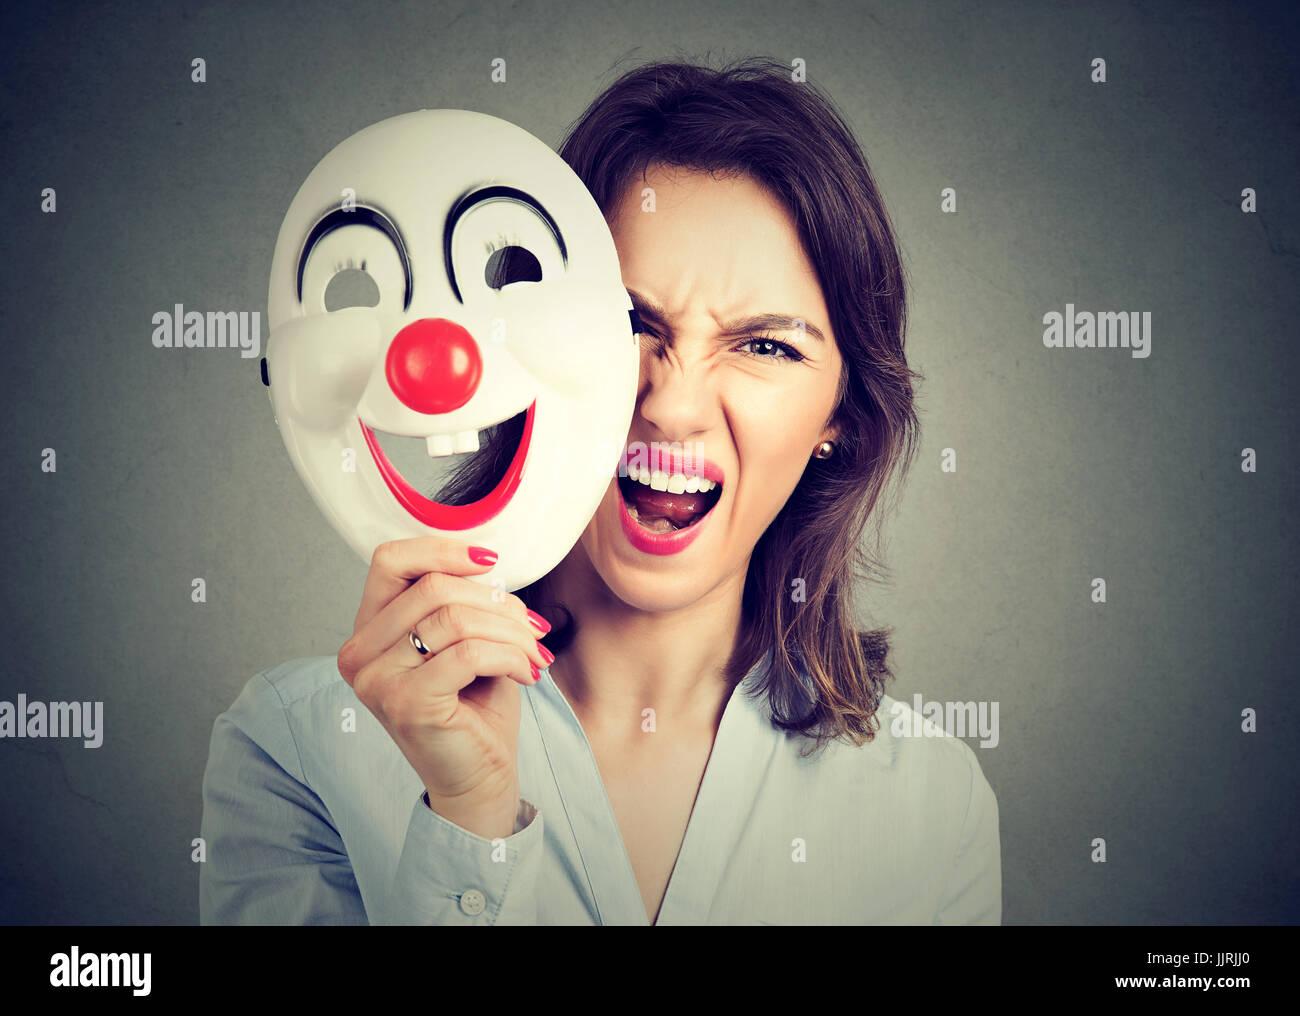 Hurlant de colère Portrait woman taking off masque clown heureux isolé sur fond de mur gris. Les émotions Photo Stock